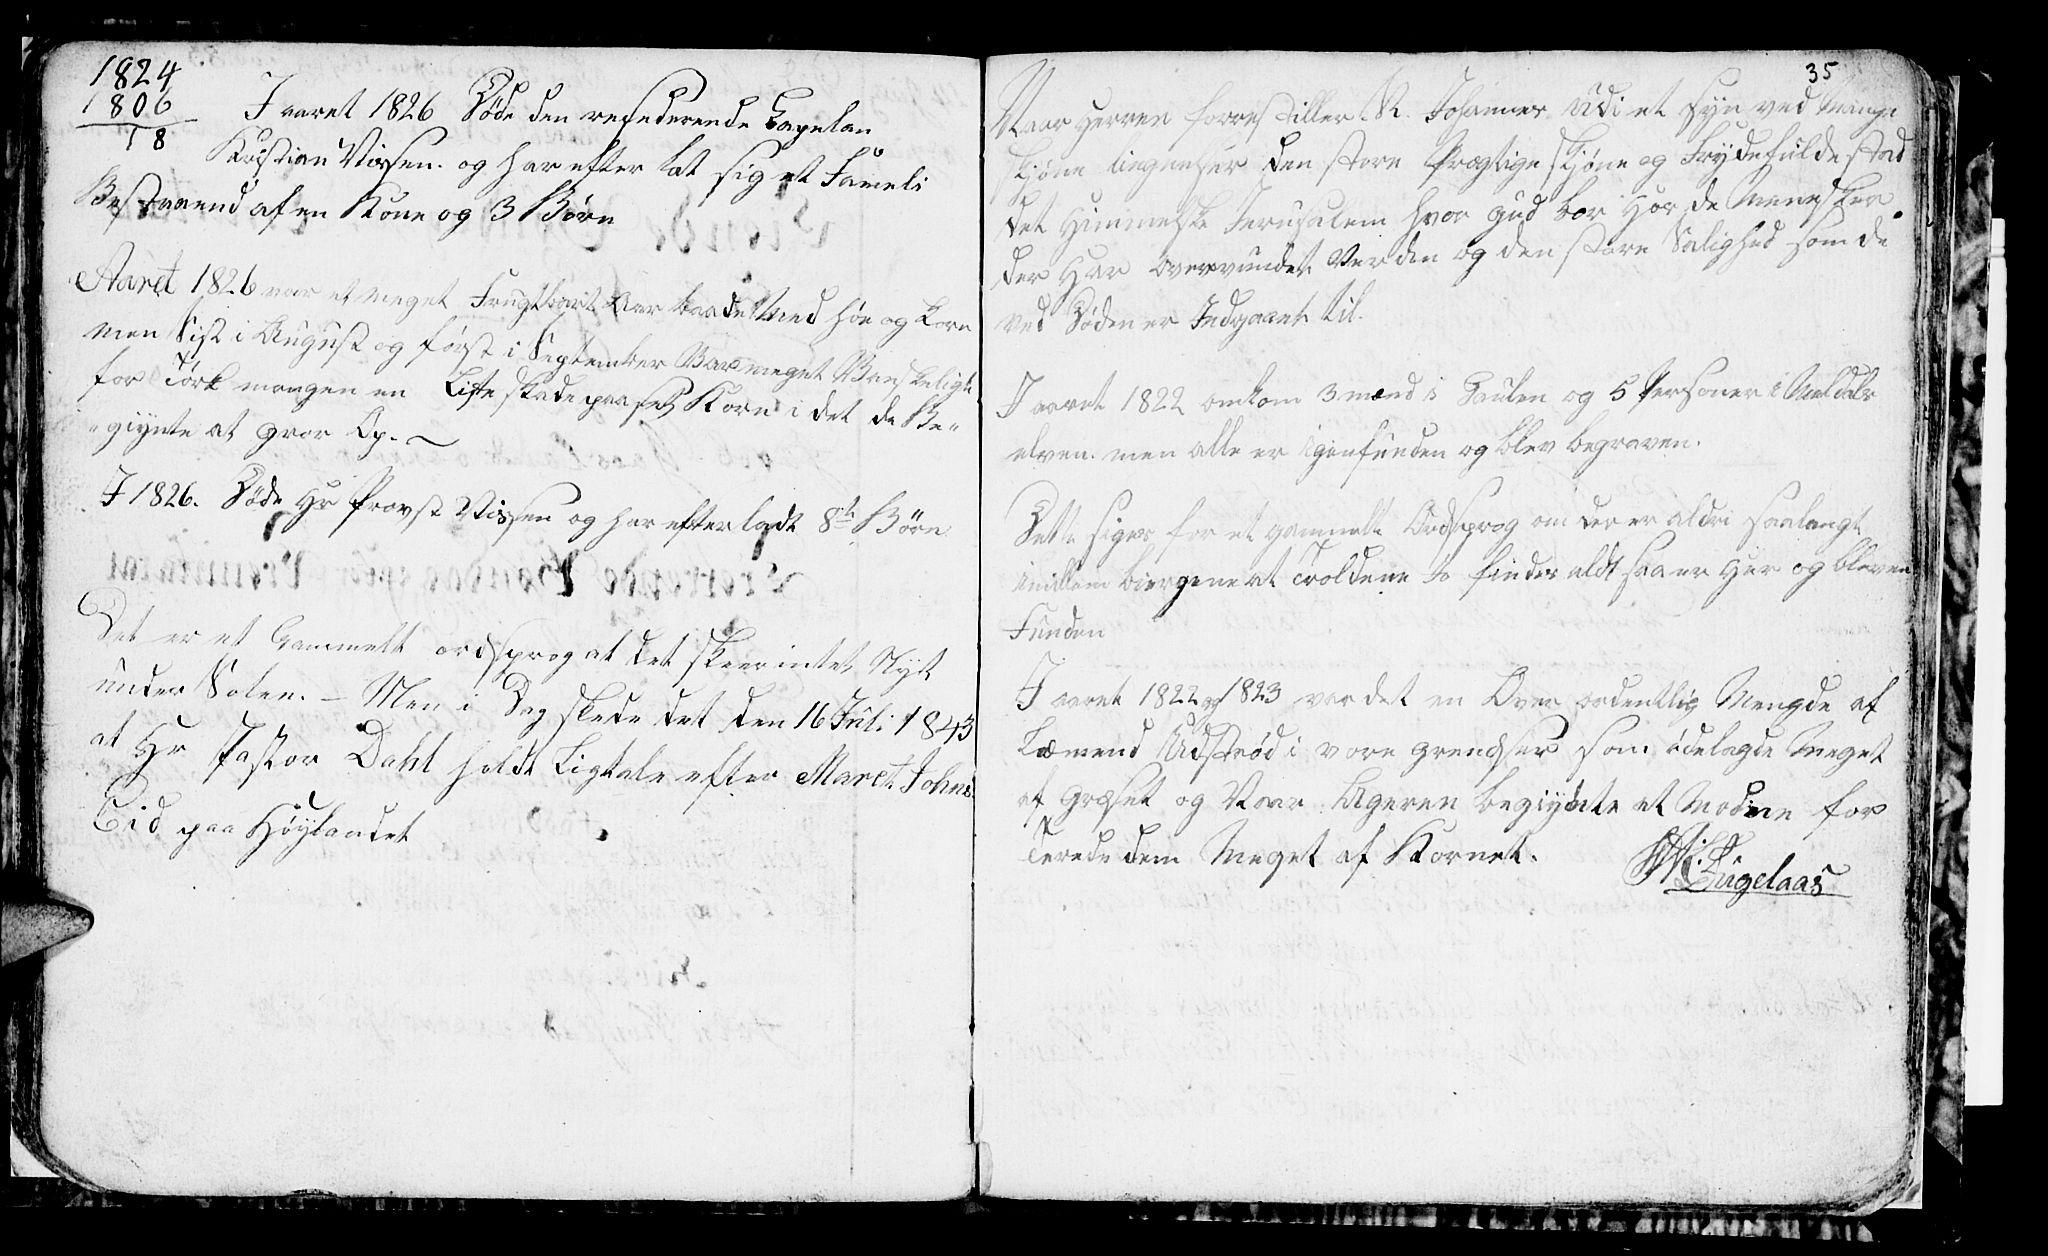 SAT, Ministerialprotokoller, klokkerbøker og fødselsregistre - Sør-Trøndelag, 694/L1129: Klokkerbok nr. 694C01, 1793-1815, s. 35